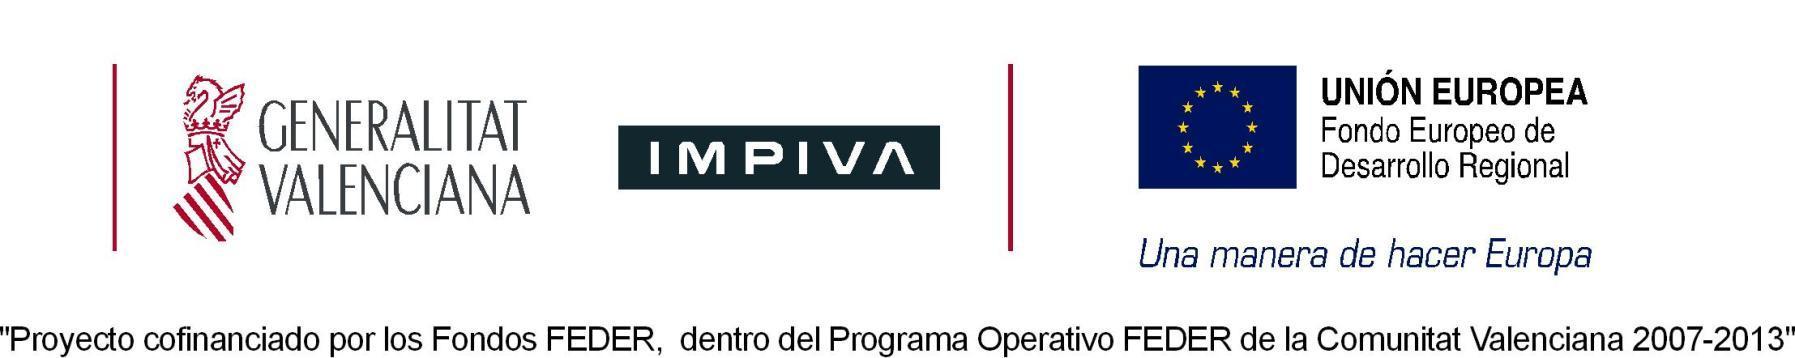 logos 20116